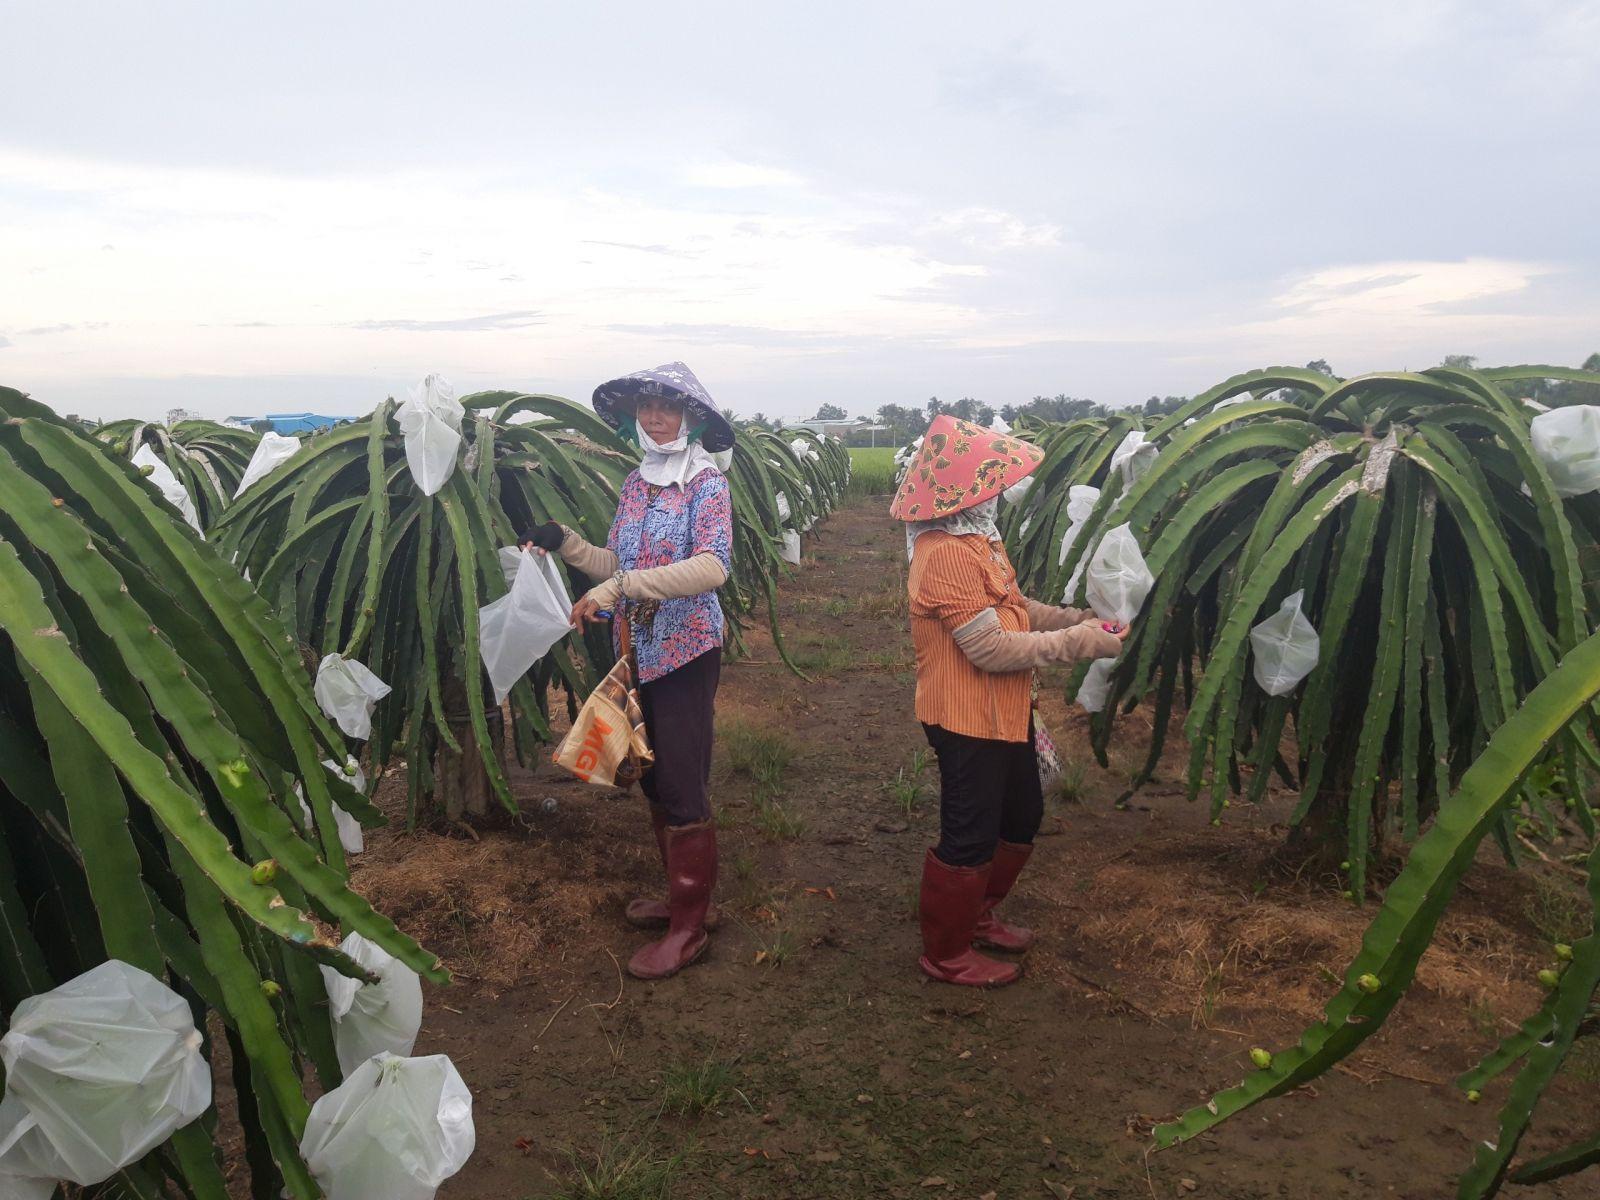 Mô hình sản xuất thanh long thuận tự nhiên của Giám đốc Hợp tác xã Thanh long Quê Mỹ Thạnh - Lê Văn Chín